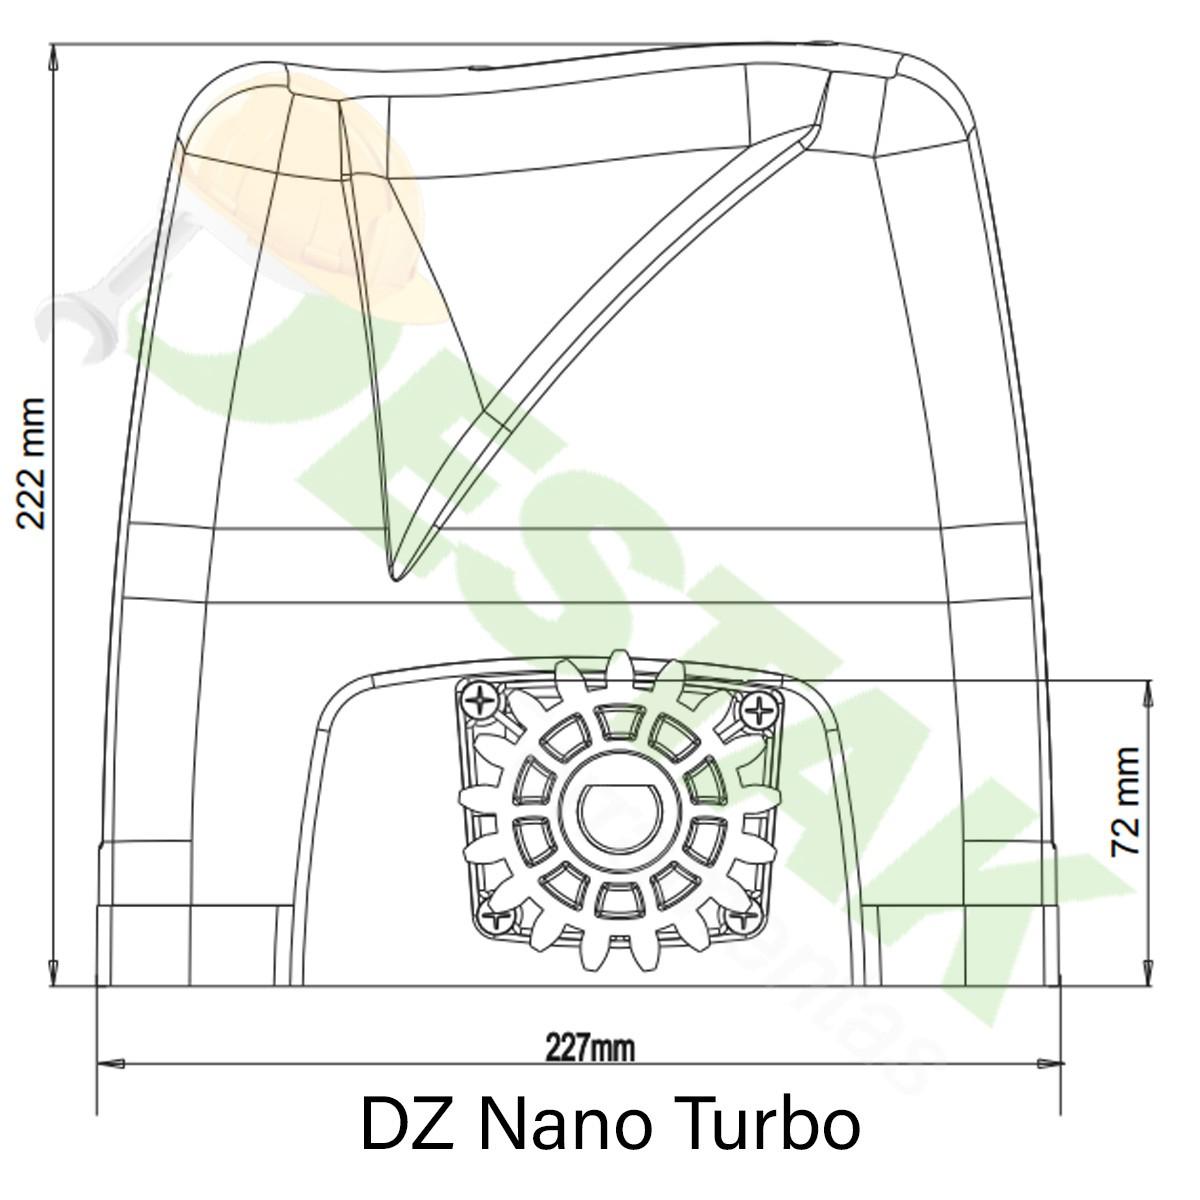 Kit Motor Rossi Dz Nano Turbo 5m Crem 2 Control 220v 600kg